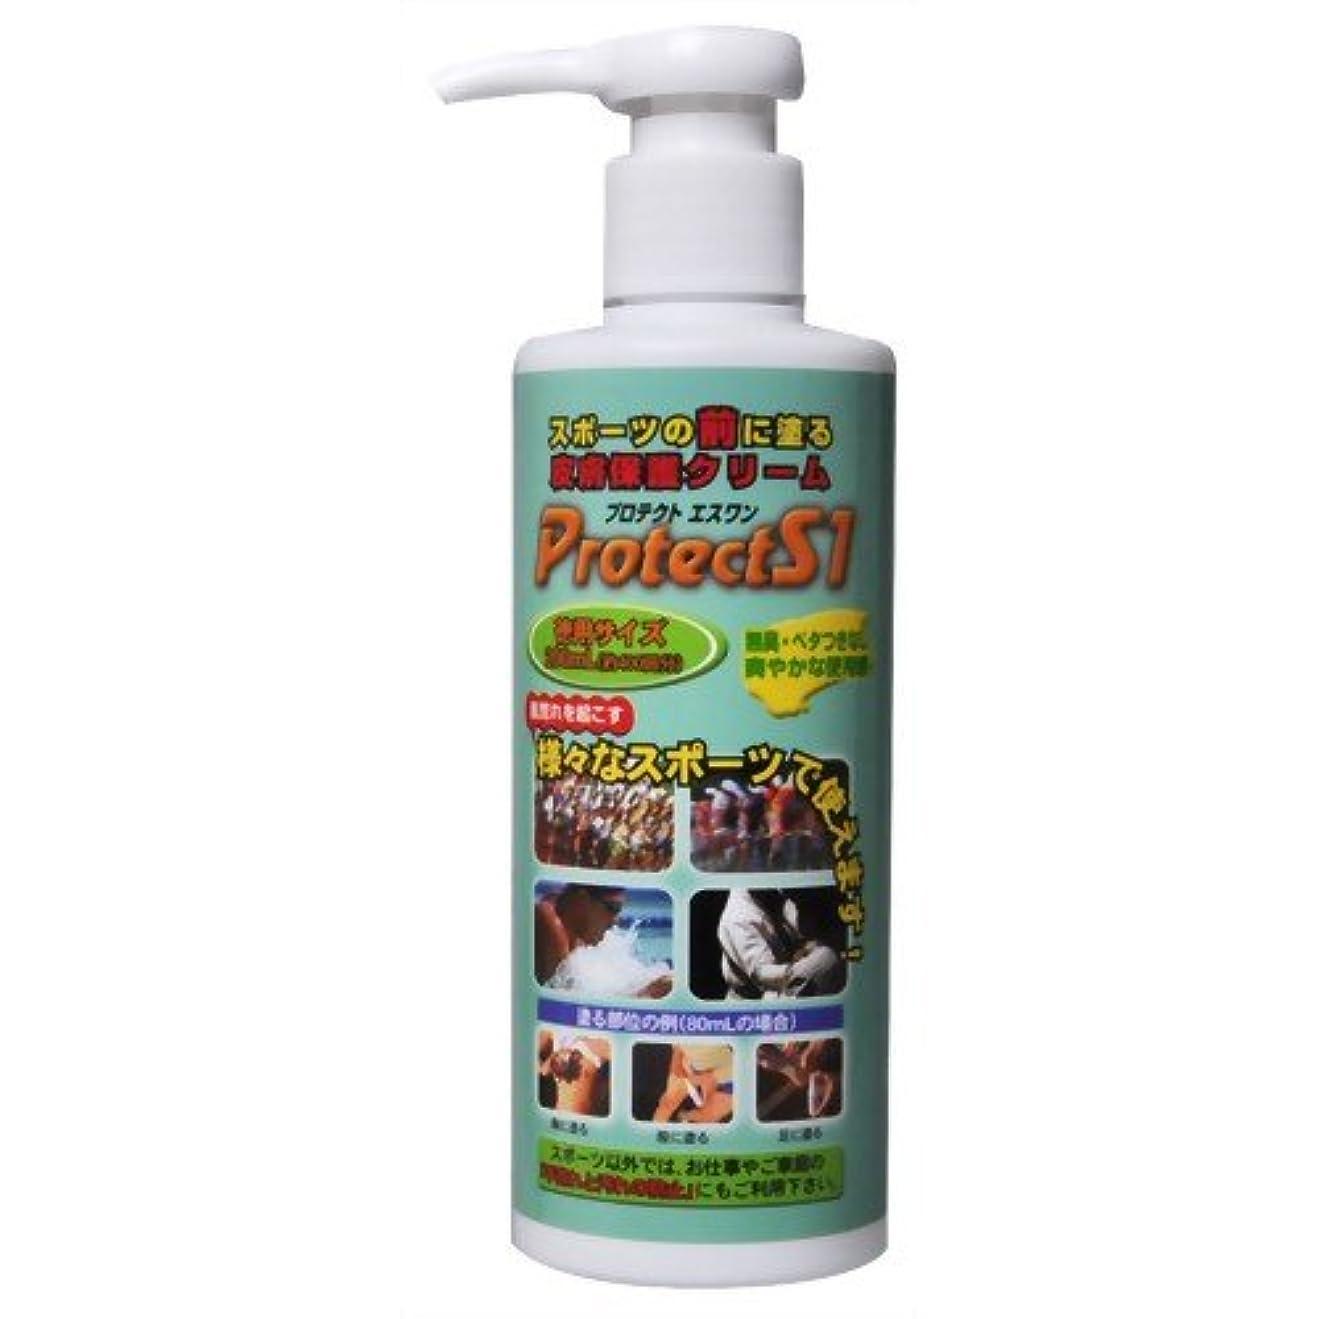 土曜日因子作業Protect S1 スポーツ摩擦皮膚保護クリーム 200ml